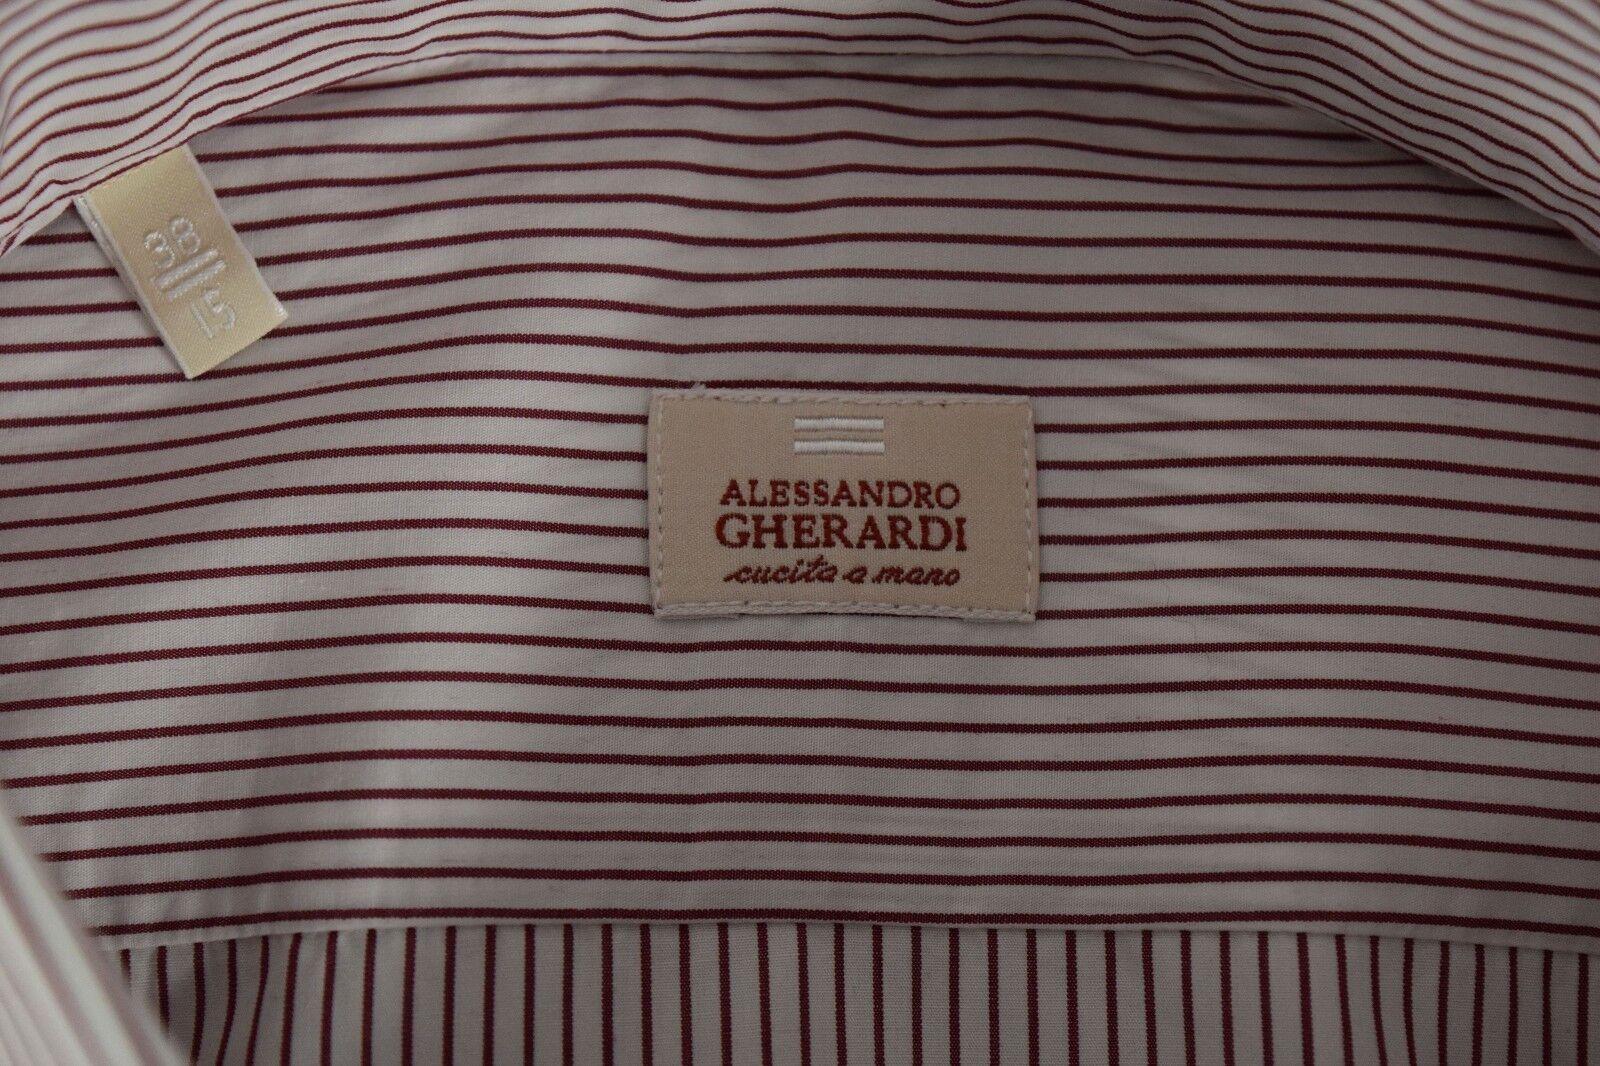 ALESSANDRO GHERARDI camicia UOMO sartoriale classica 100% COTONE popeline popeline popeline ALBINI 659867